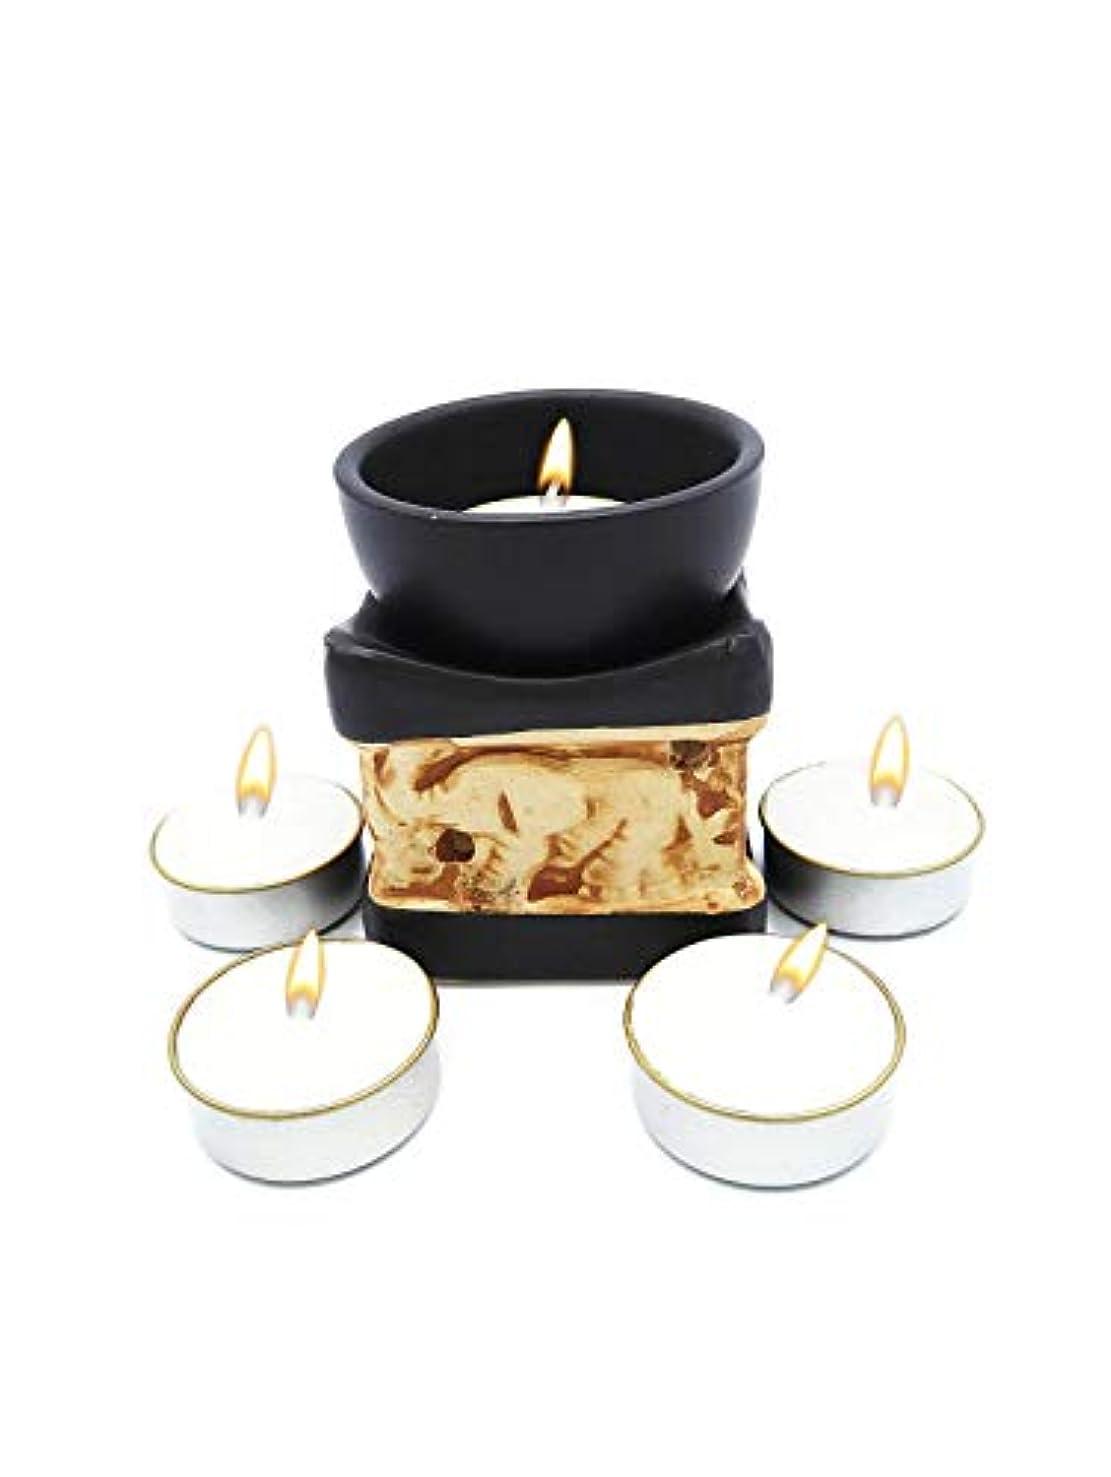 クリスチャン大腿愛情Elephant Essential Oil Burner Tea Light Candle Holder for Home Decoration & Aromatherapy *FREE Scented Tea Light...